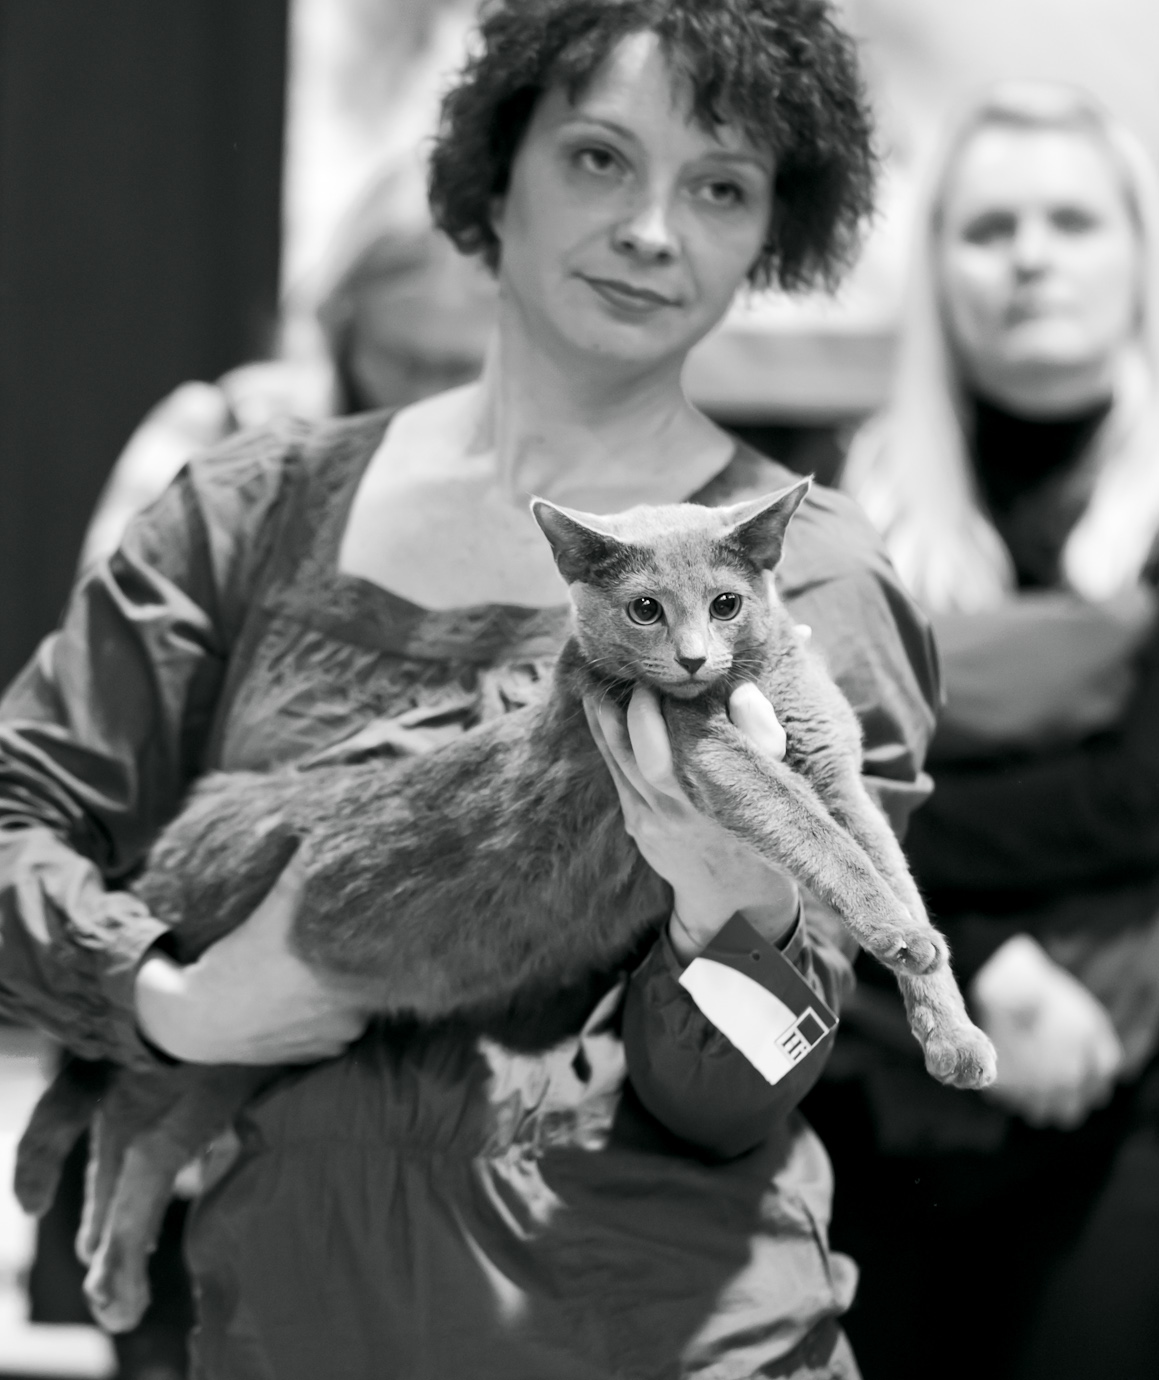 Starstruck's Jane Bonham (Bonzo) [RUS], photo 199069, 2012-11-03